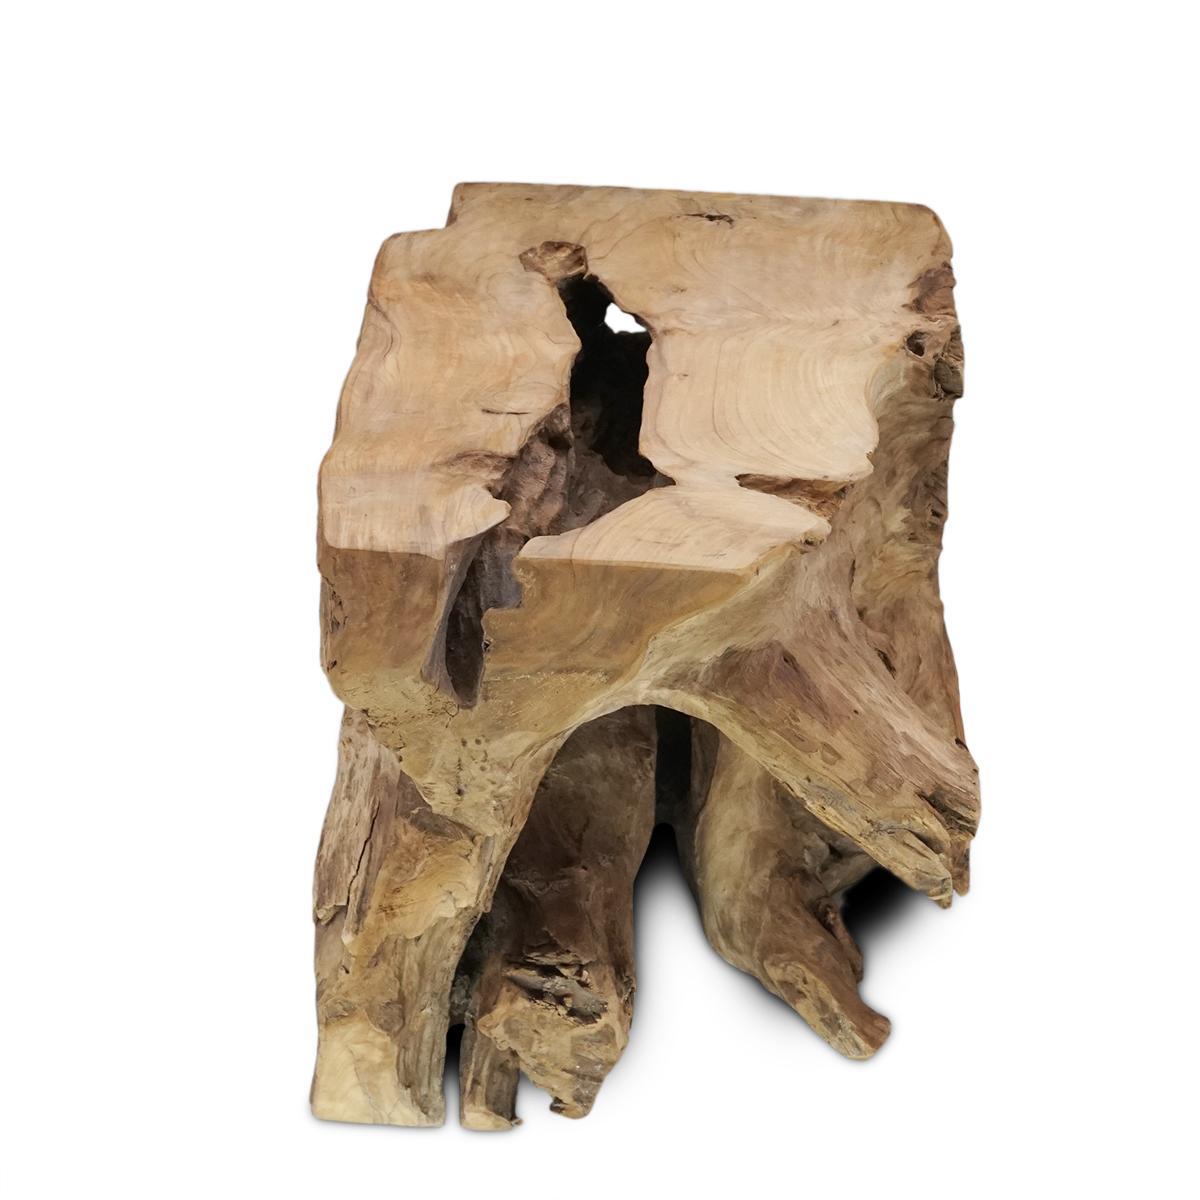 Couchtisch Wohnzimmertisch Natur Block Massiv ca. 40 cm Wurzelholz Teakholz – Bild 3